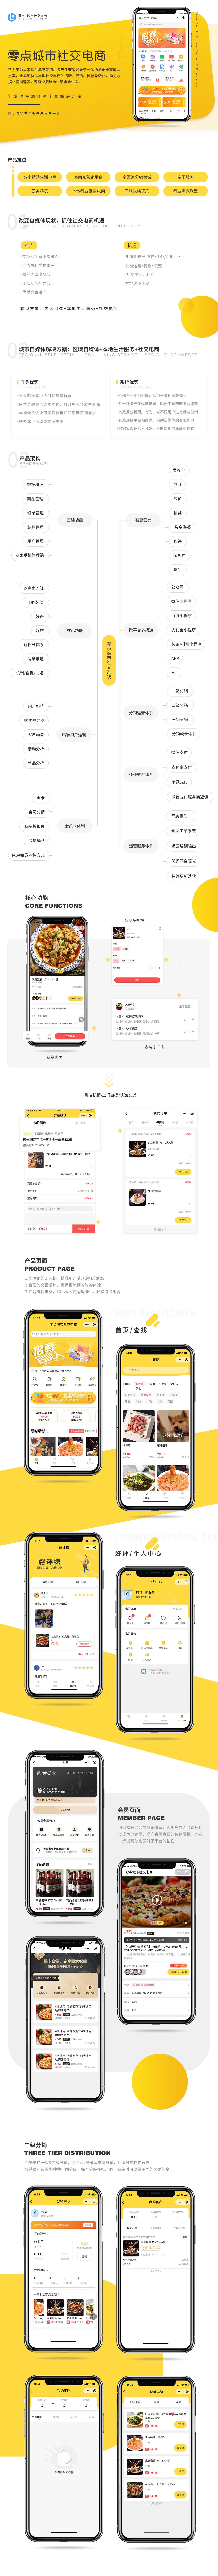 【官方同步】零点城市社交电商小程序V1.8.0(更新)持续更新 – 狮子喵 修复 添加商品报错